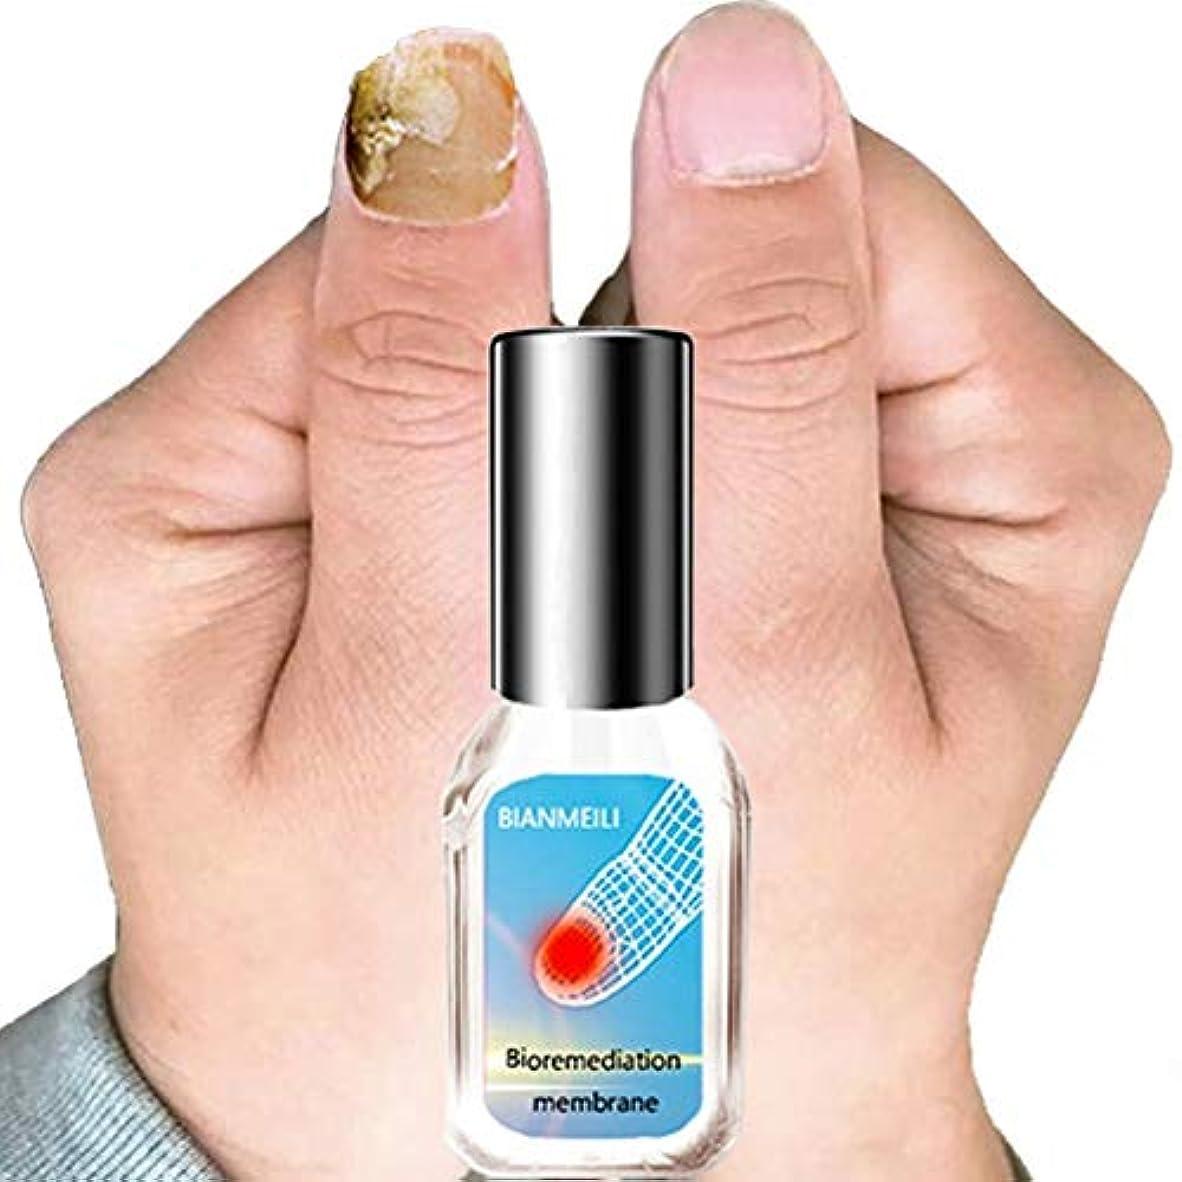 地球行政テレビネイルリペアリキッド-足の爪の真菌治療-足の爪の真菌止め爪の修復セット、爪の真菌止め、指の爪の真菌、真菌の爪の真菌除去剤